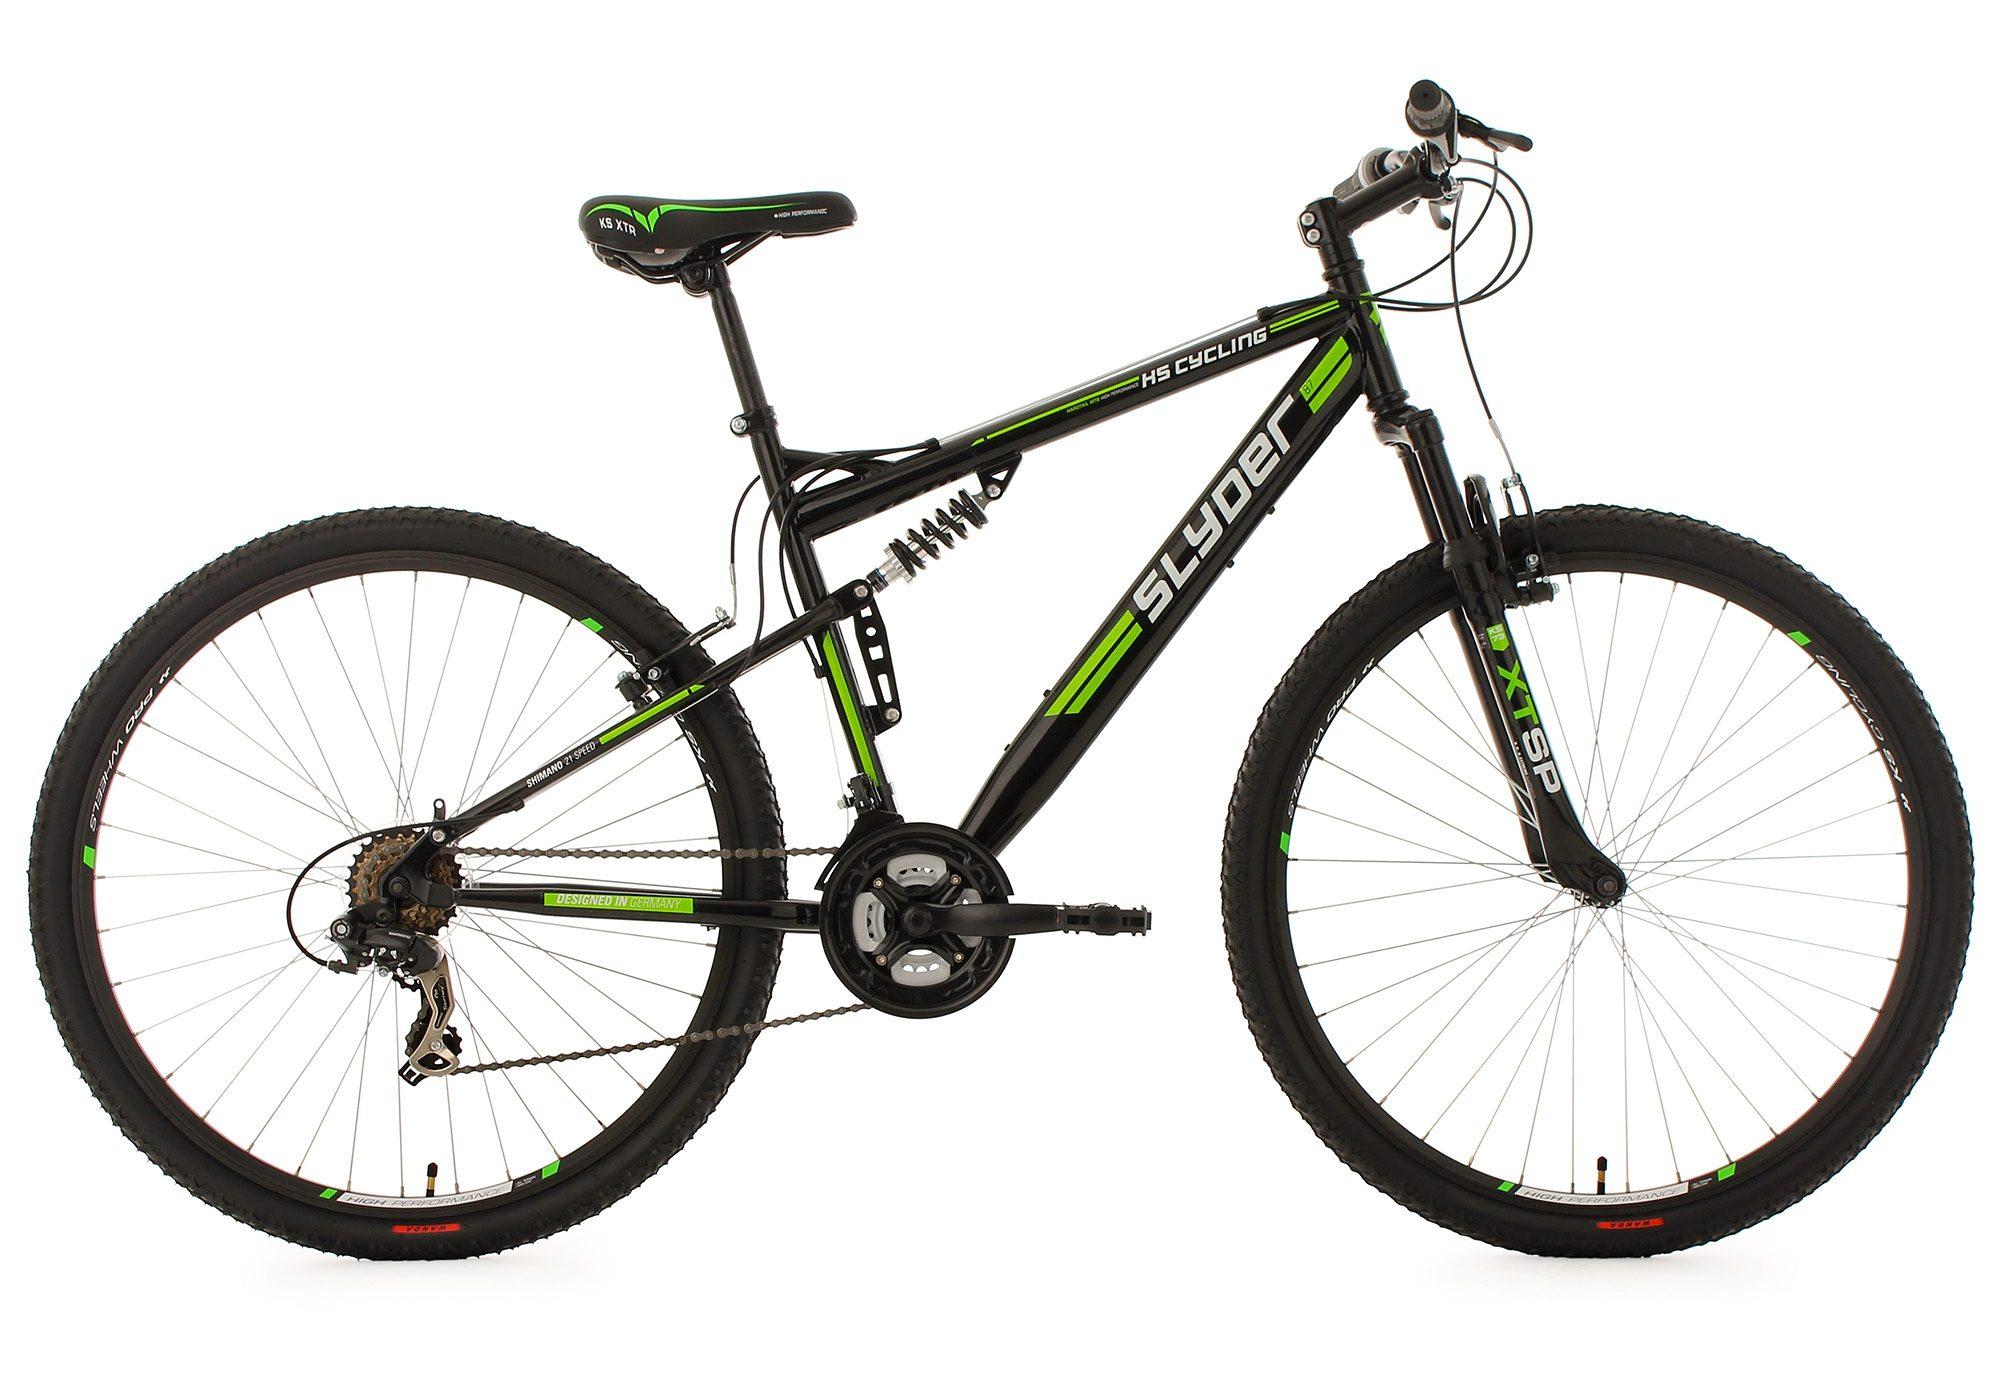 KS Cycling Fully-Mountainbike, 29 Zoll, schwarz, 21 Gang-Kettenschaltung, »Slyder«